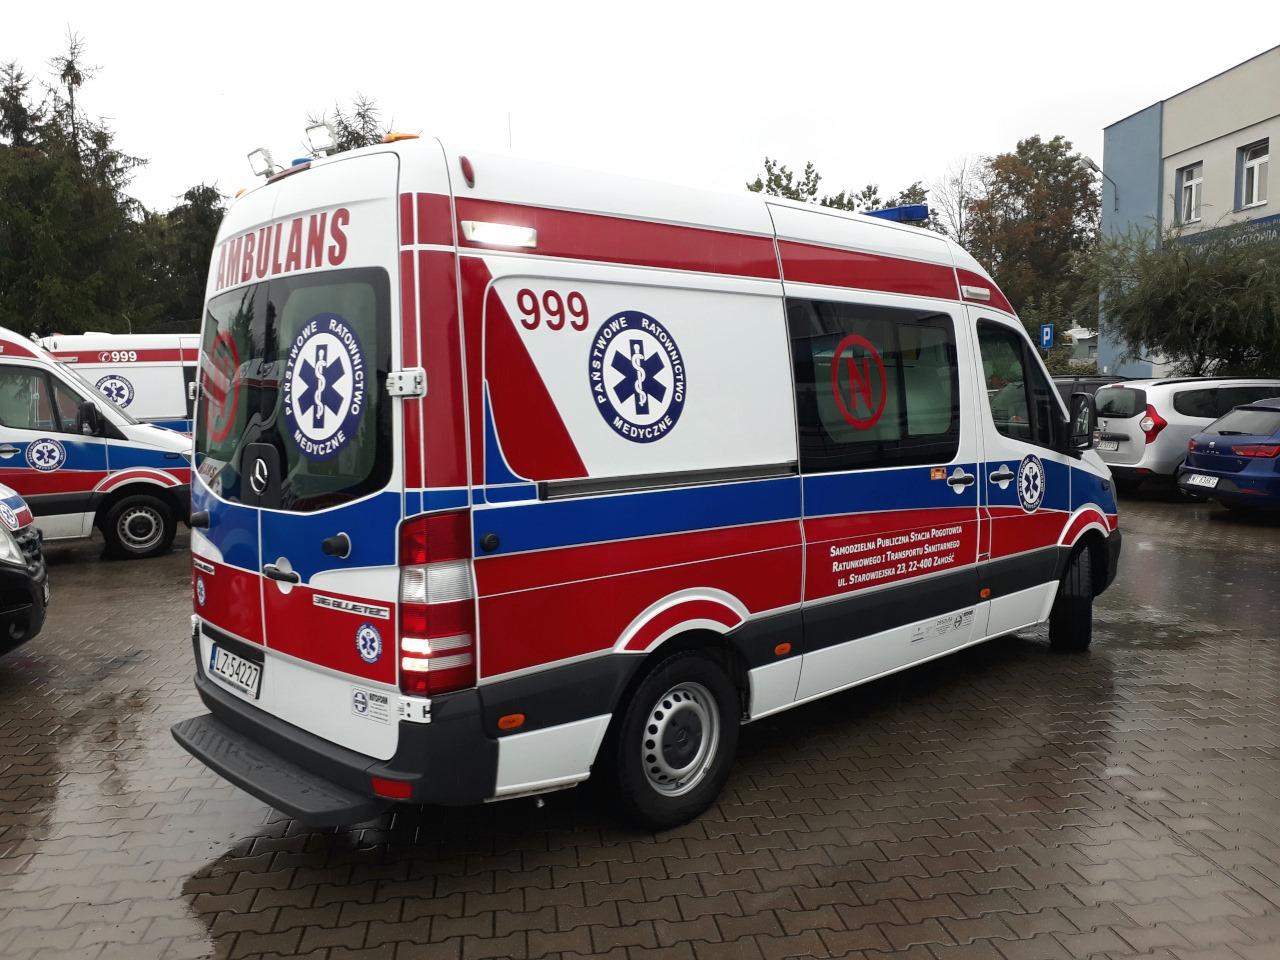 120609819 129908655525729 6355112530818957136 o Dobra wiadomość! Ambulans ratujący życie najmłodszych pacjentów wraca do pracy!